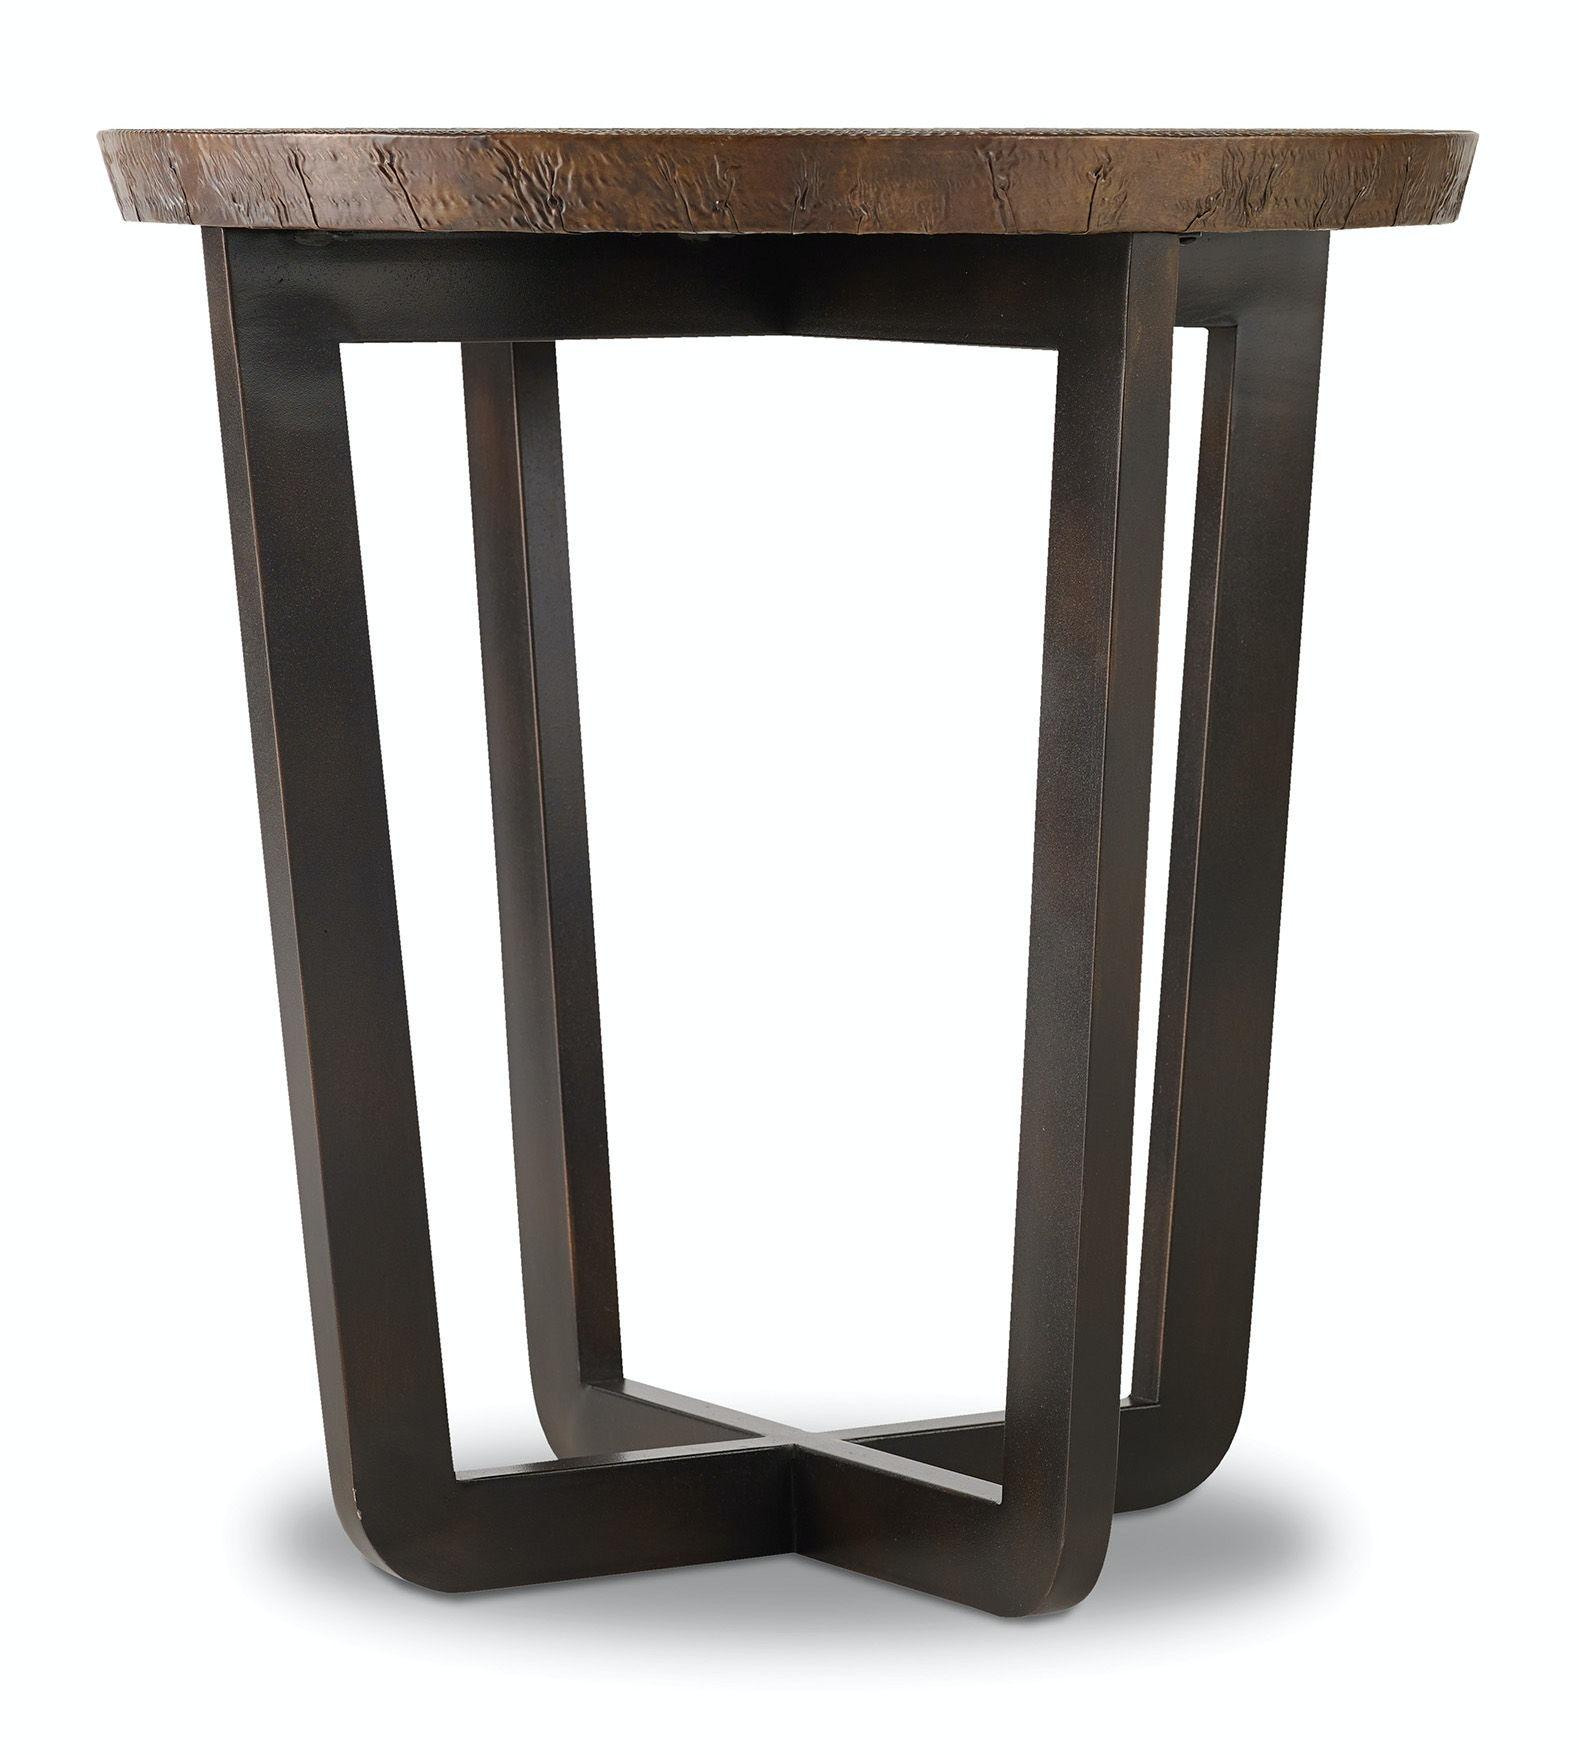 Hooker Furniture Living Room Parkcrest Round End Table 5527-80116-Cor